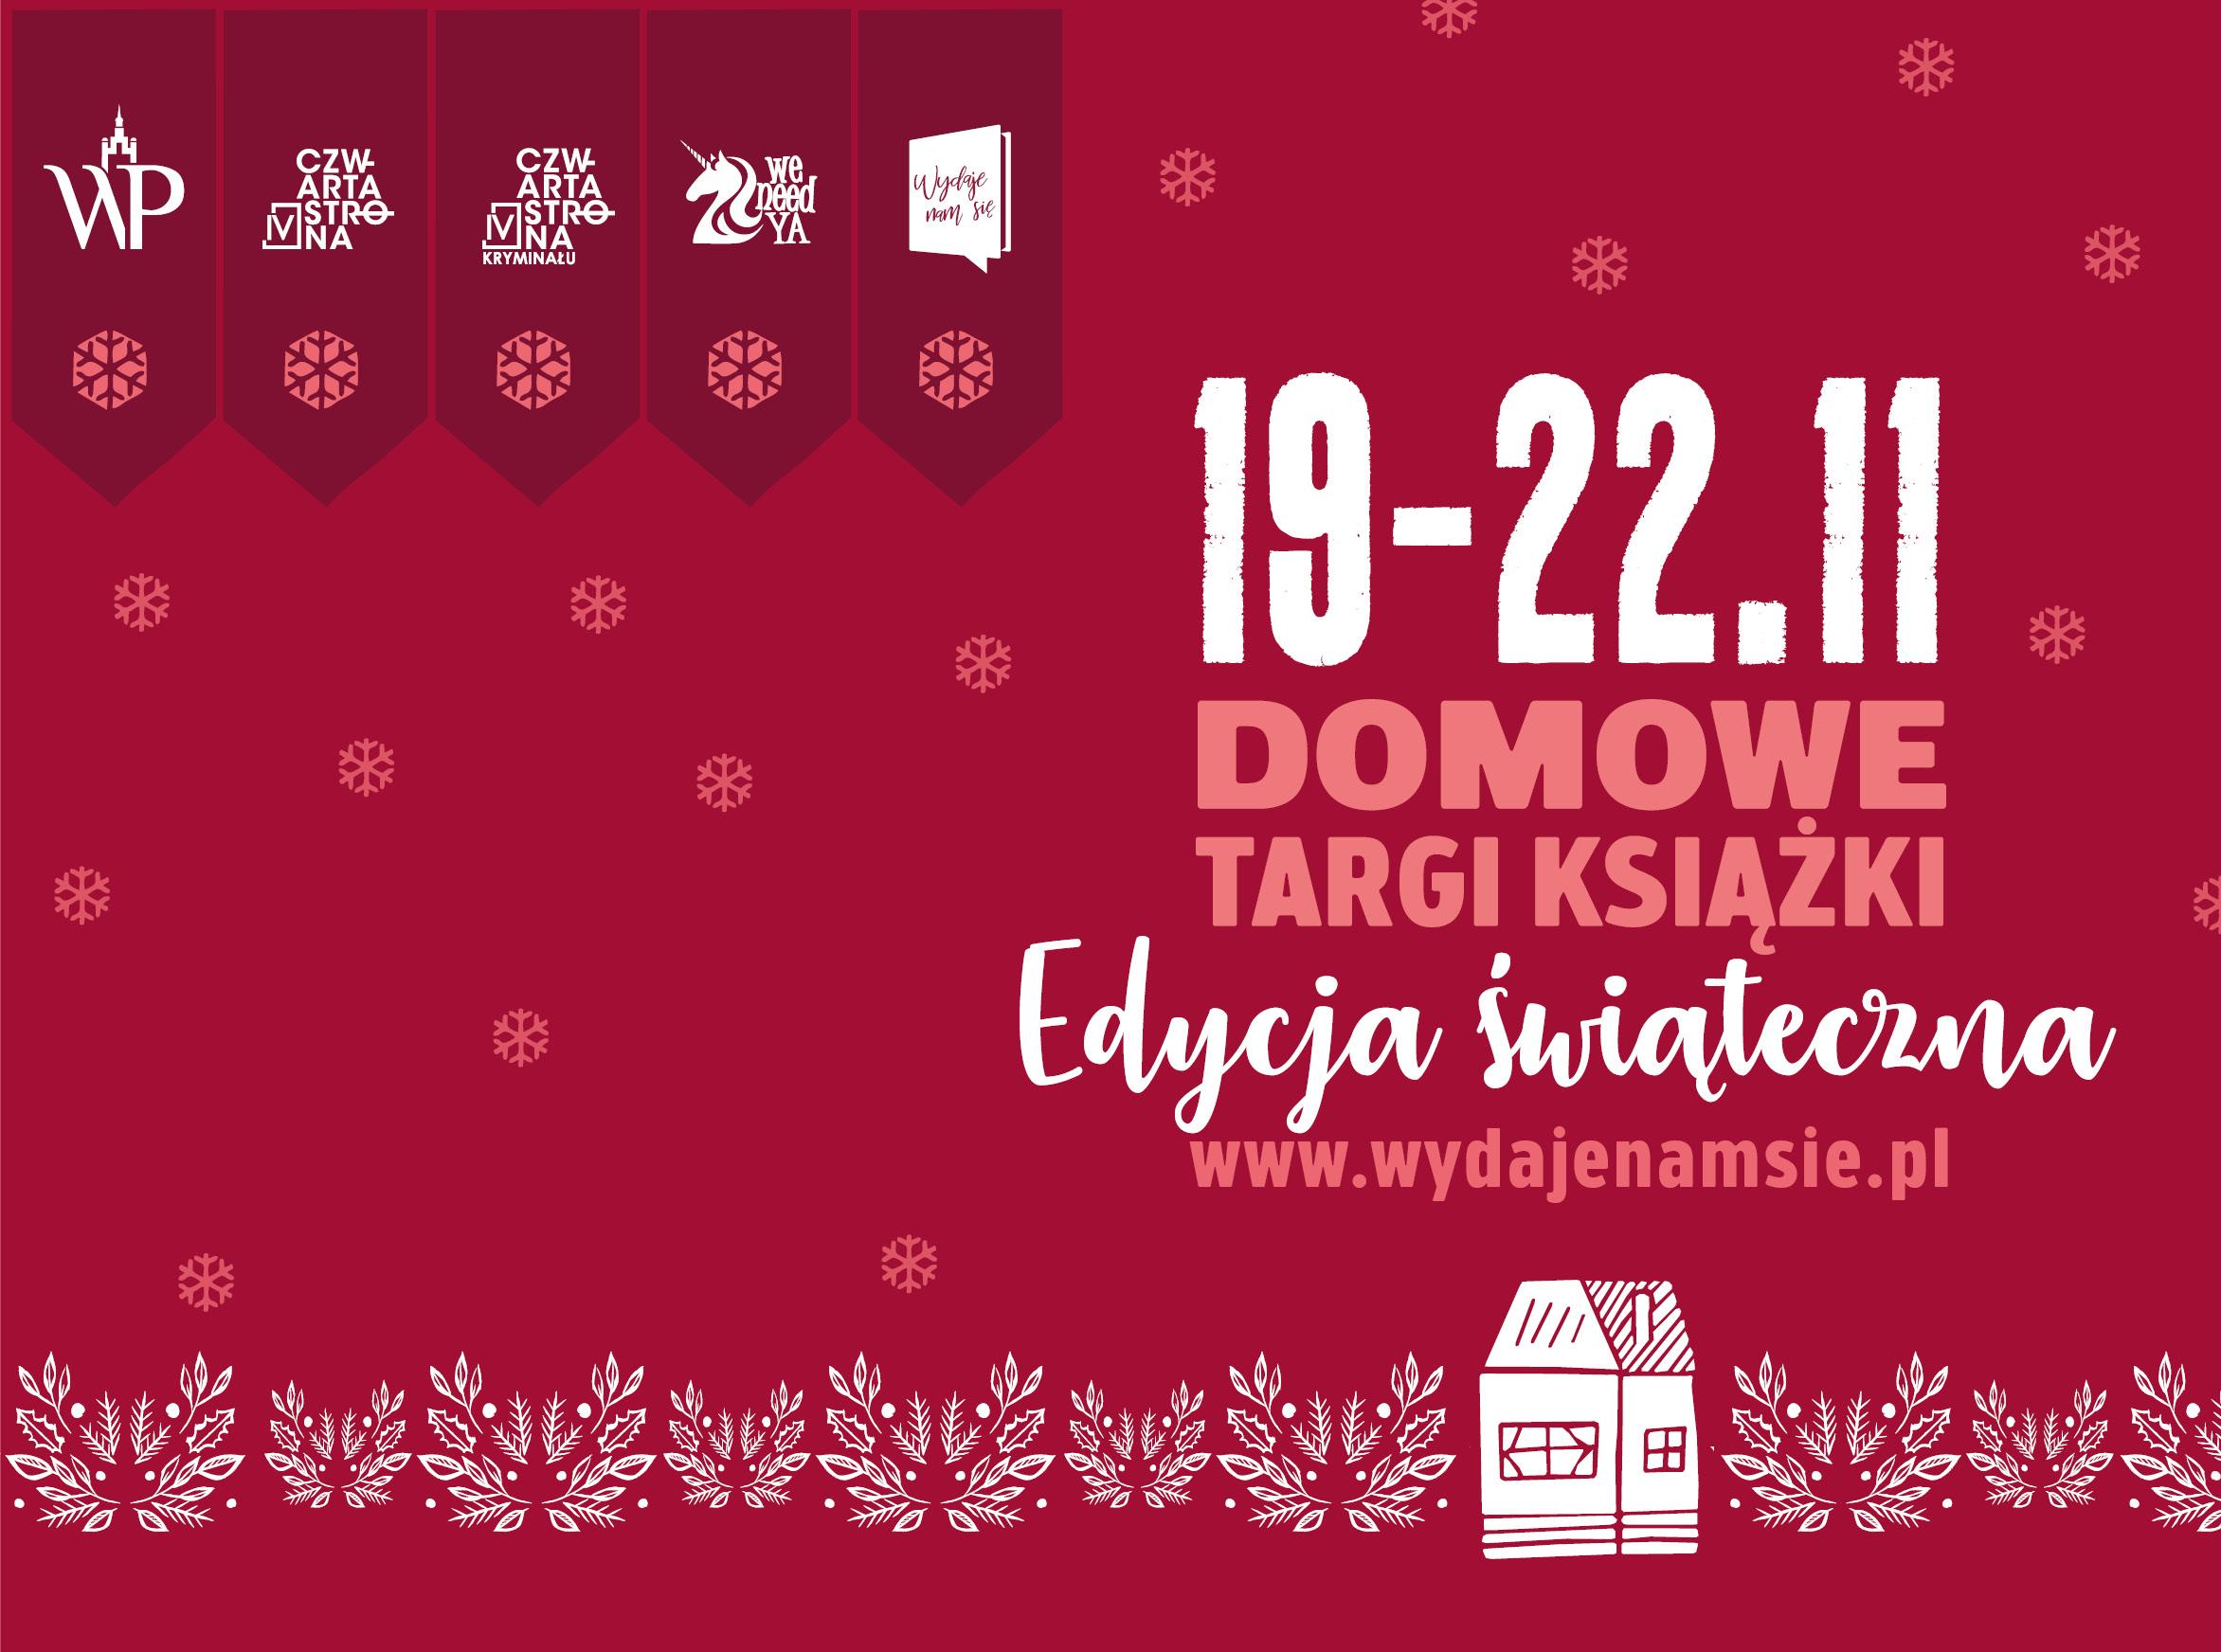 Wydawnictwo Poznańskie Domowe Targi Książki 19-22 listopada